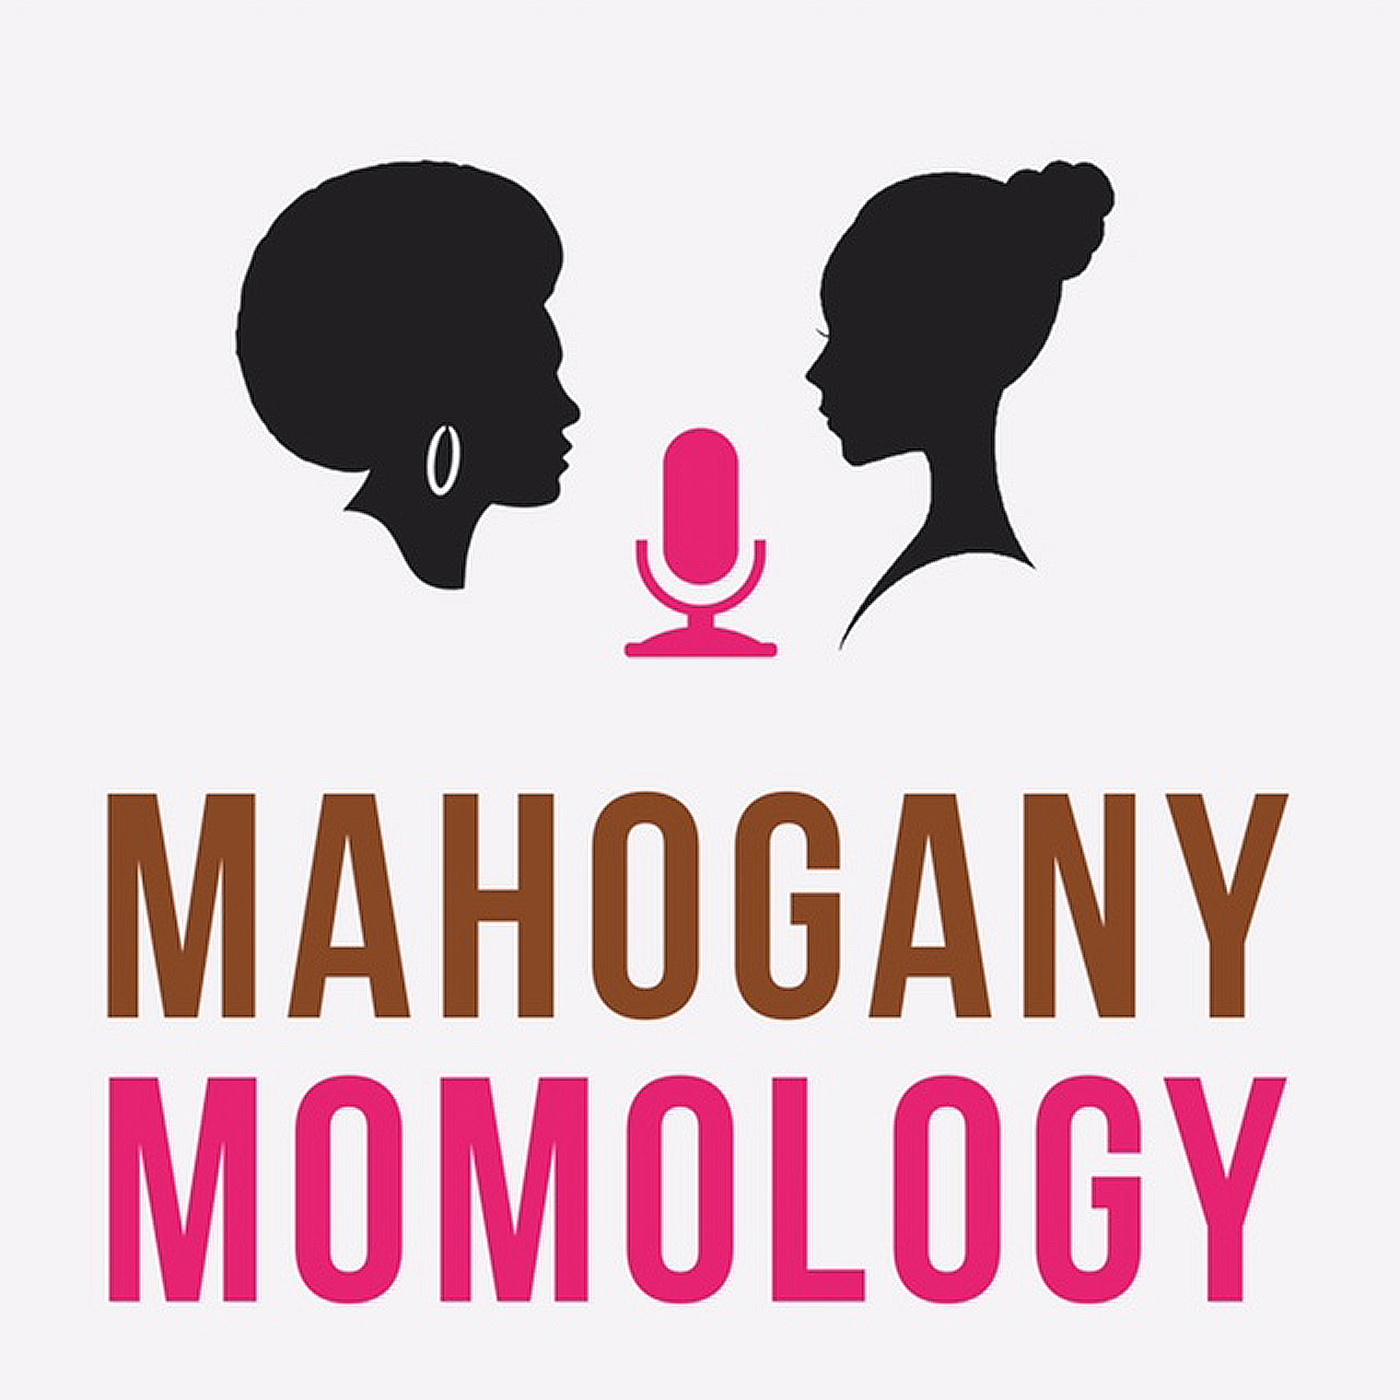 Mahogany Momology's Podcast show image